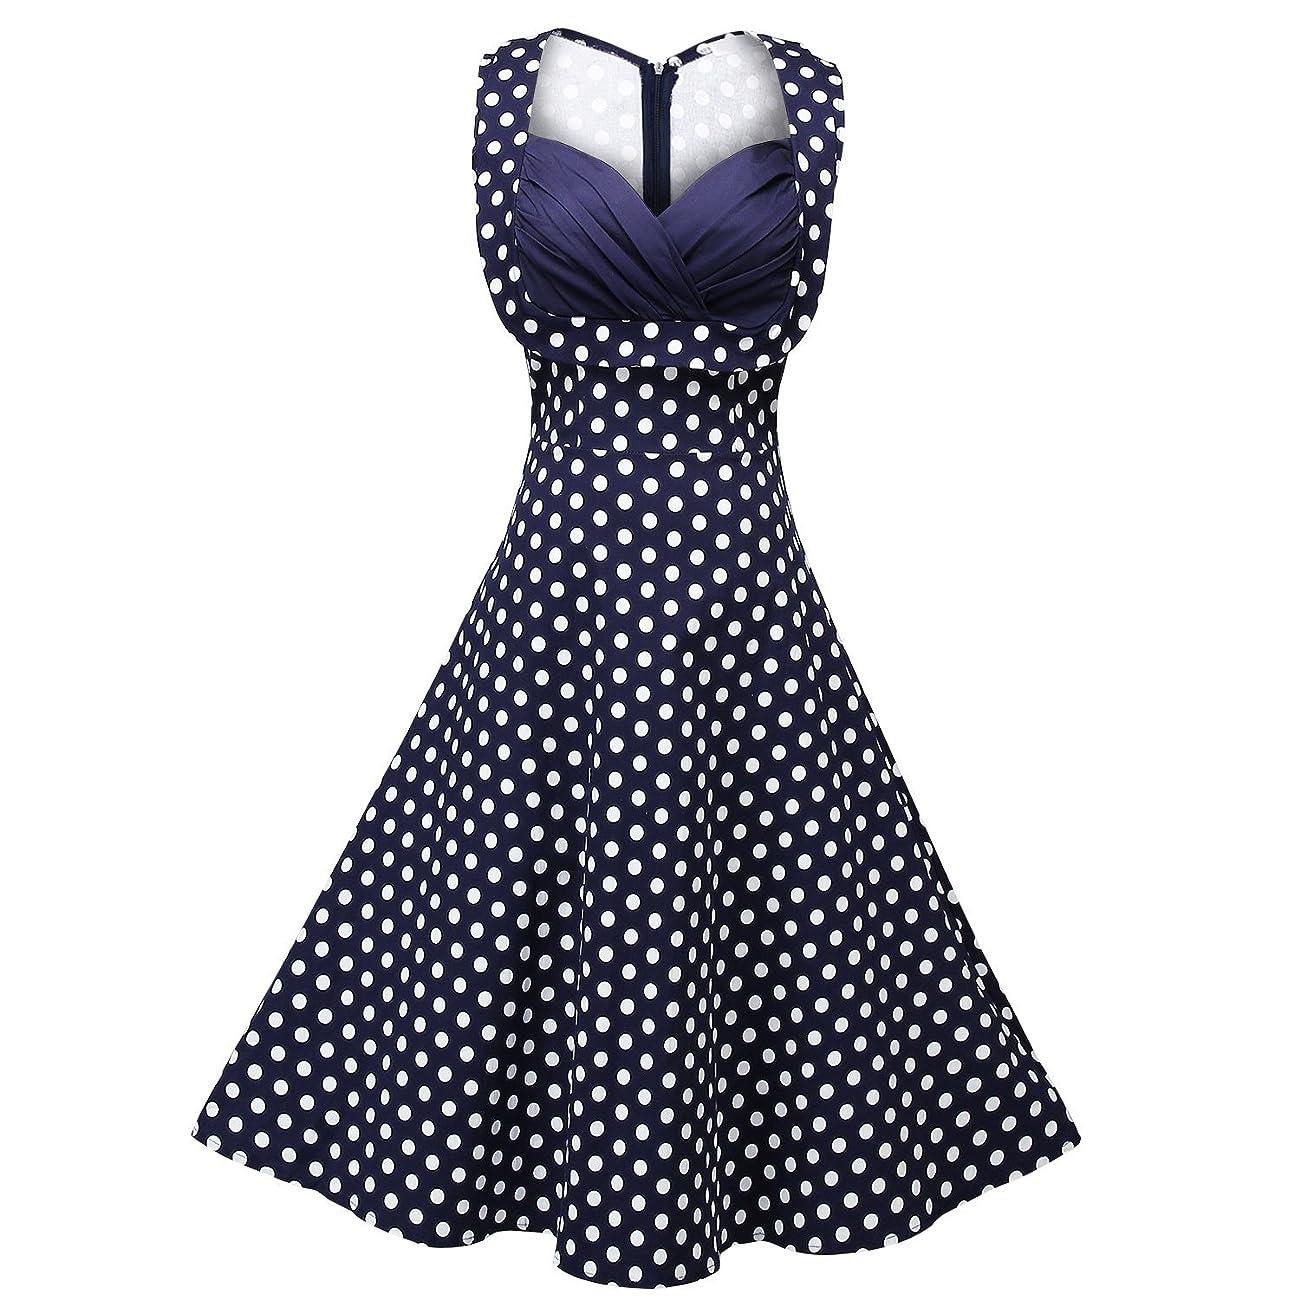 Creti Women's 1950s Vintage Halter Polka Dot V-Neck Sleeveless Swing Dress 0